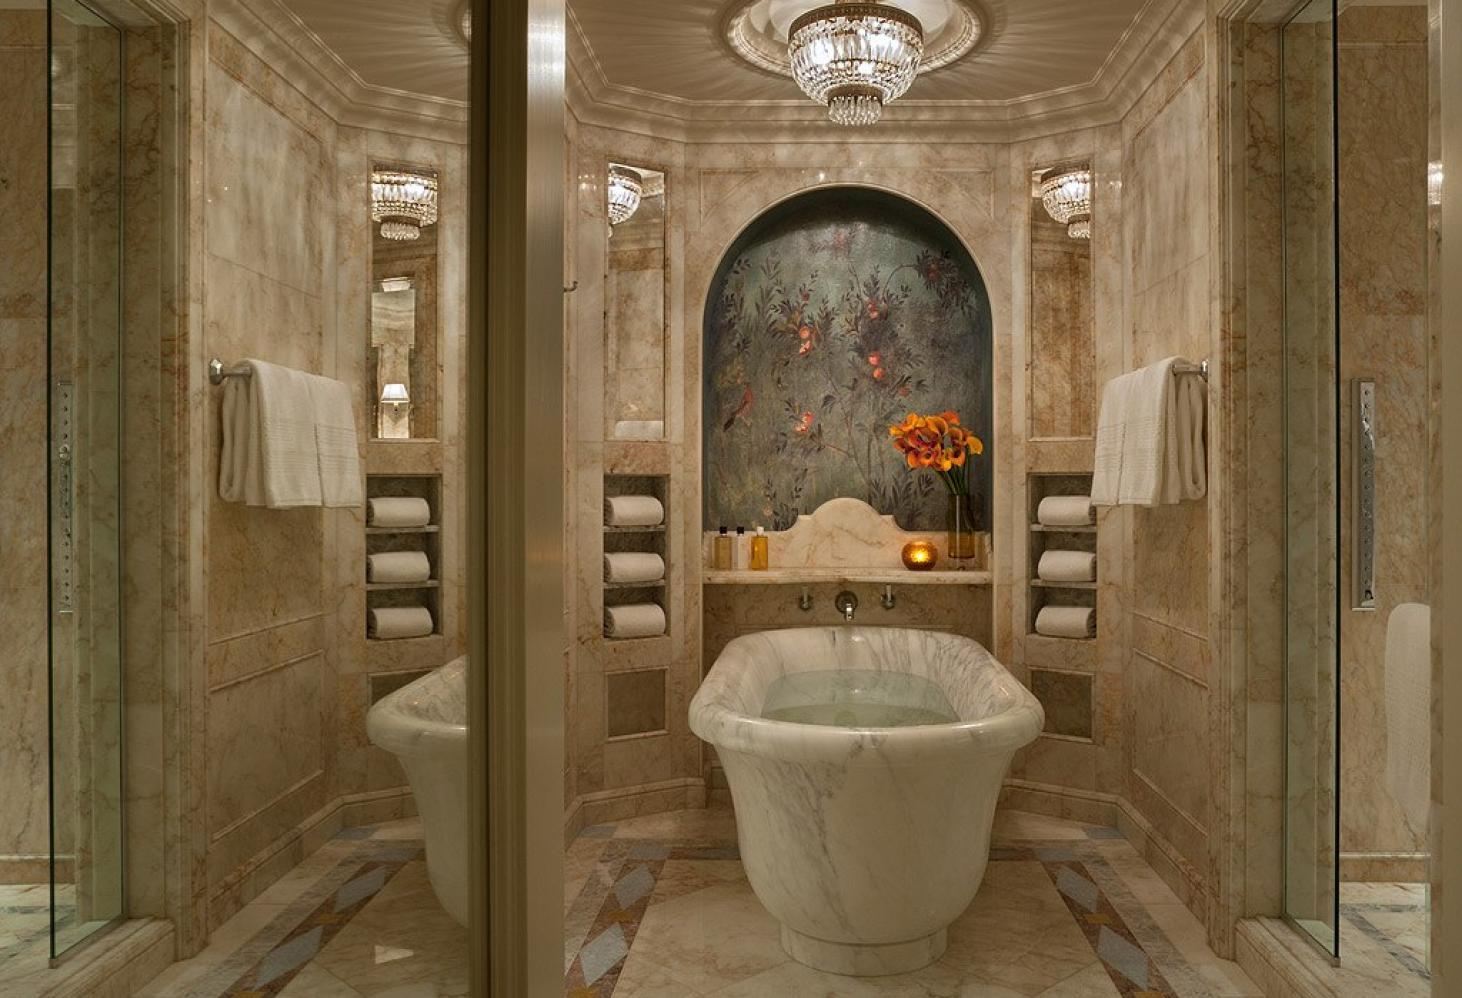 Россия. Санкт Петербург. Отель Фор Сизонс Лион Палас (Four Seasons Hotel Lion Palace, St. Petersburg)